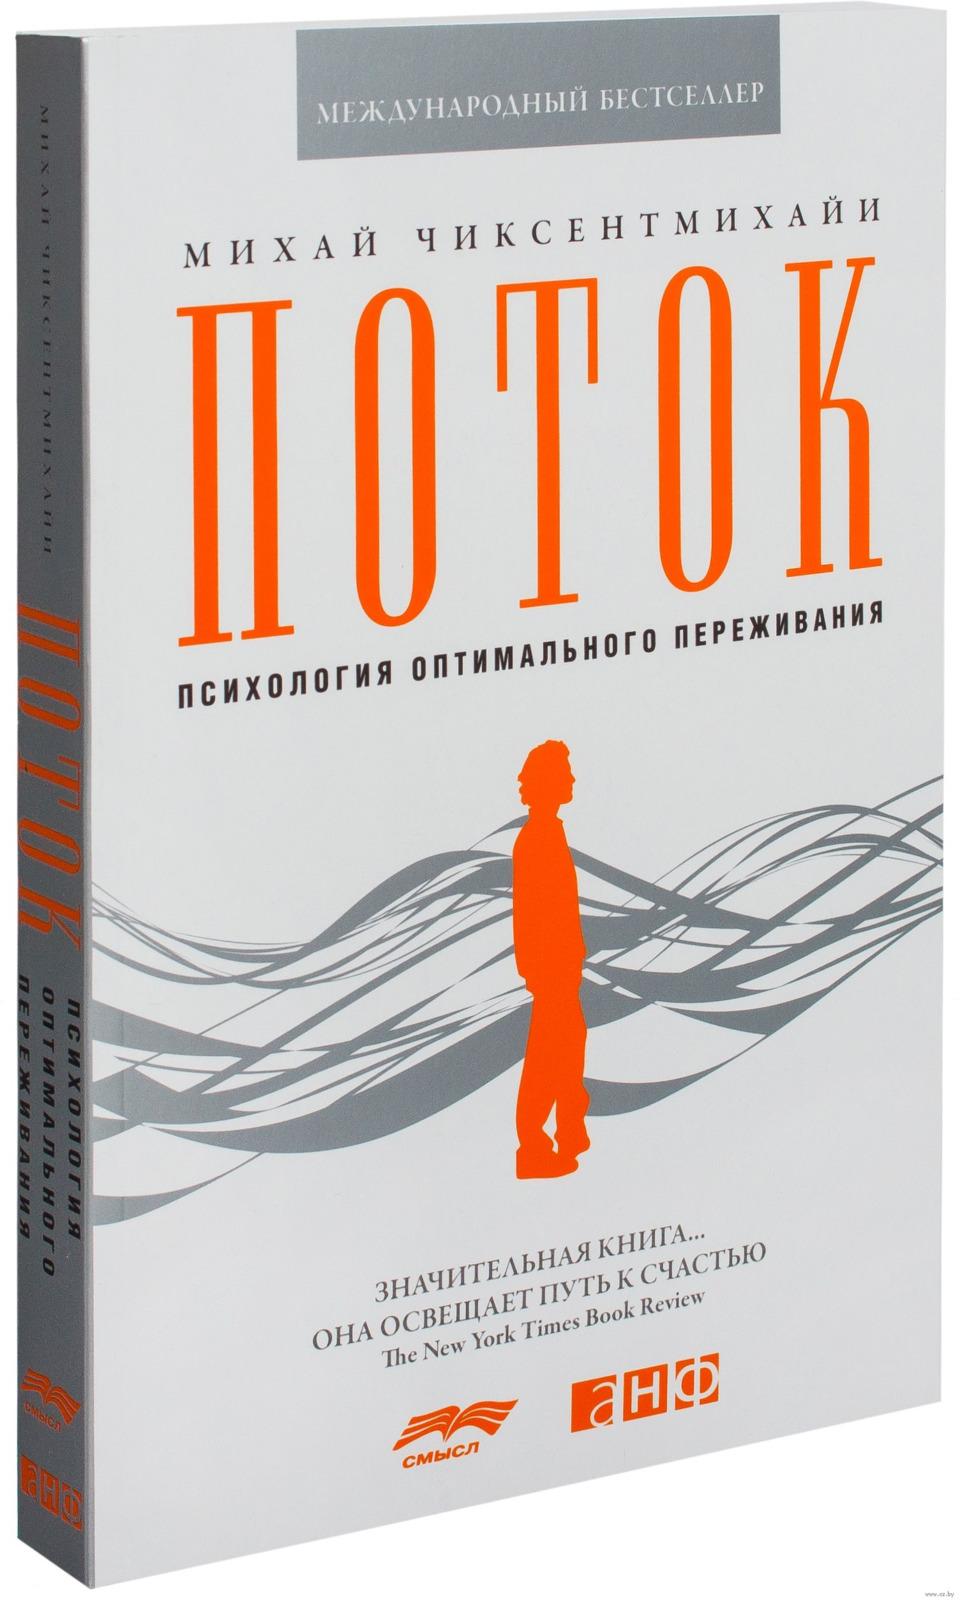 Михай Чиксентмихайи Поток. Психология оптимального переживания